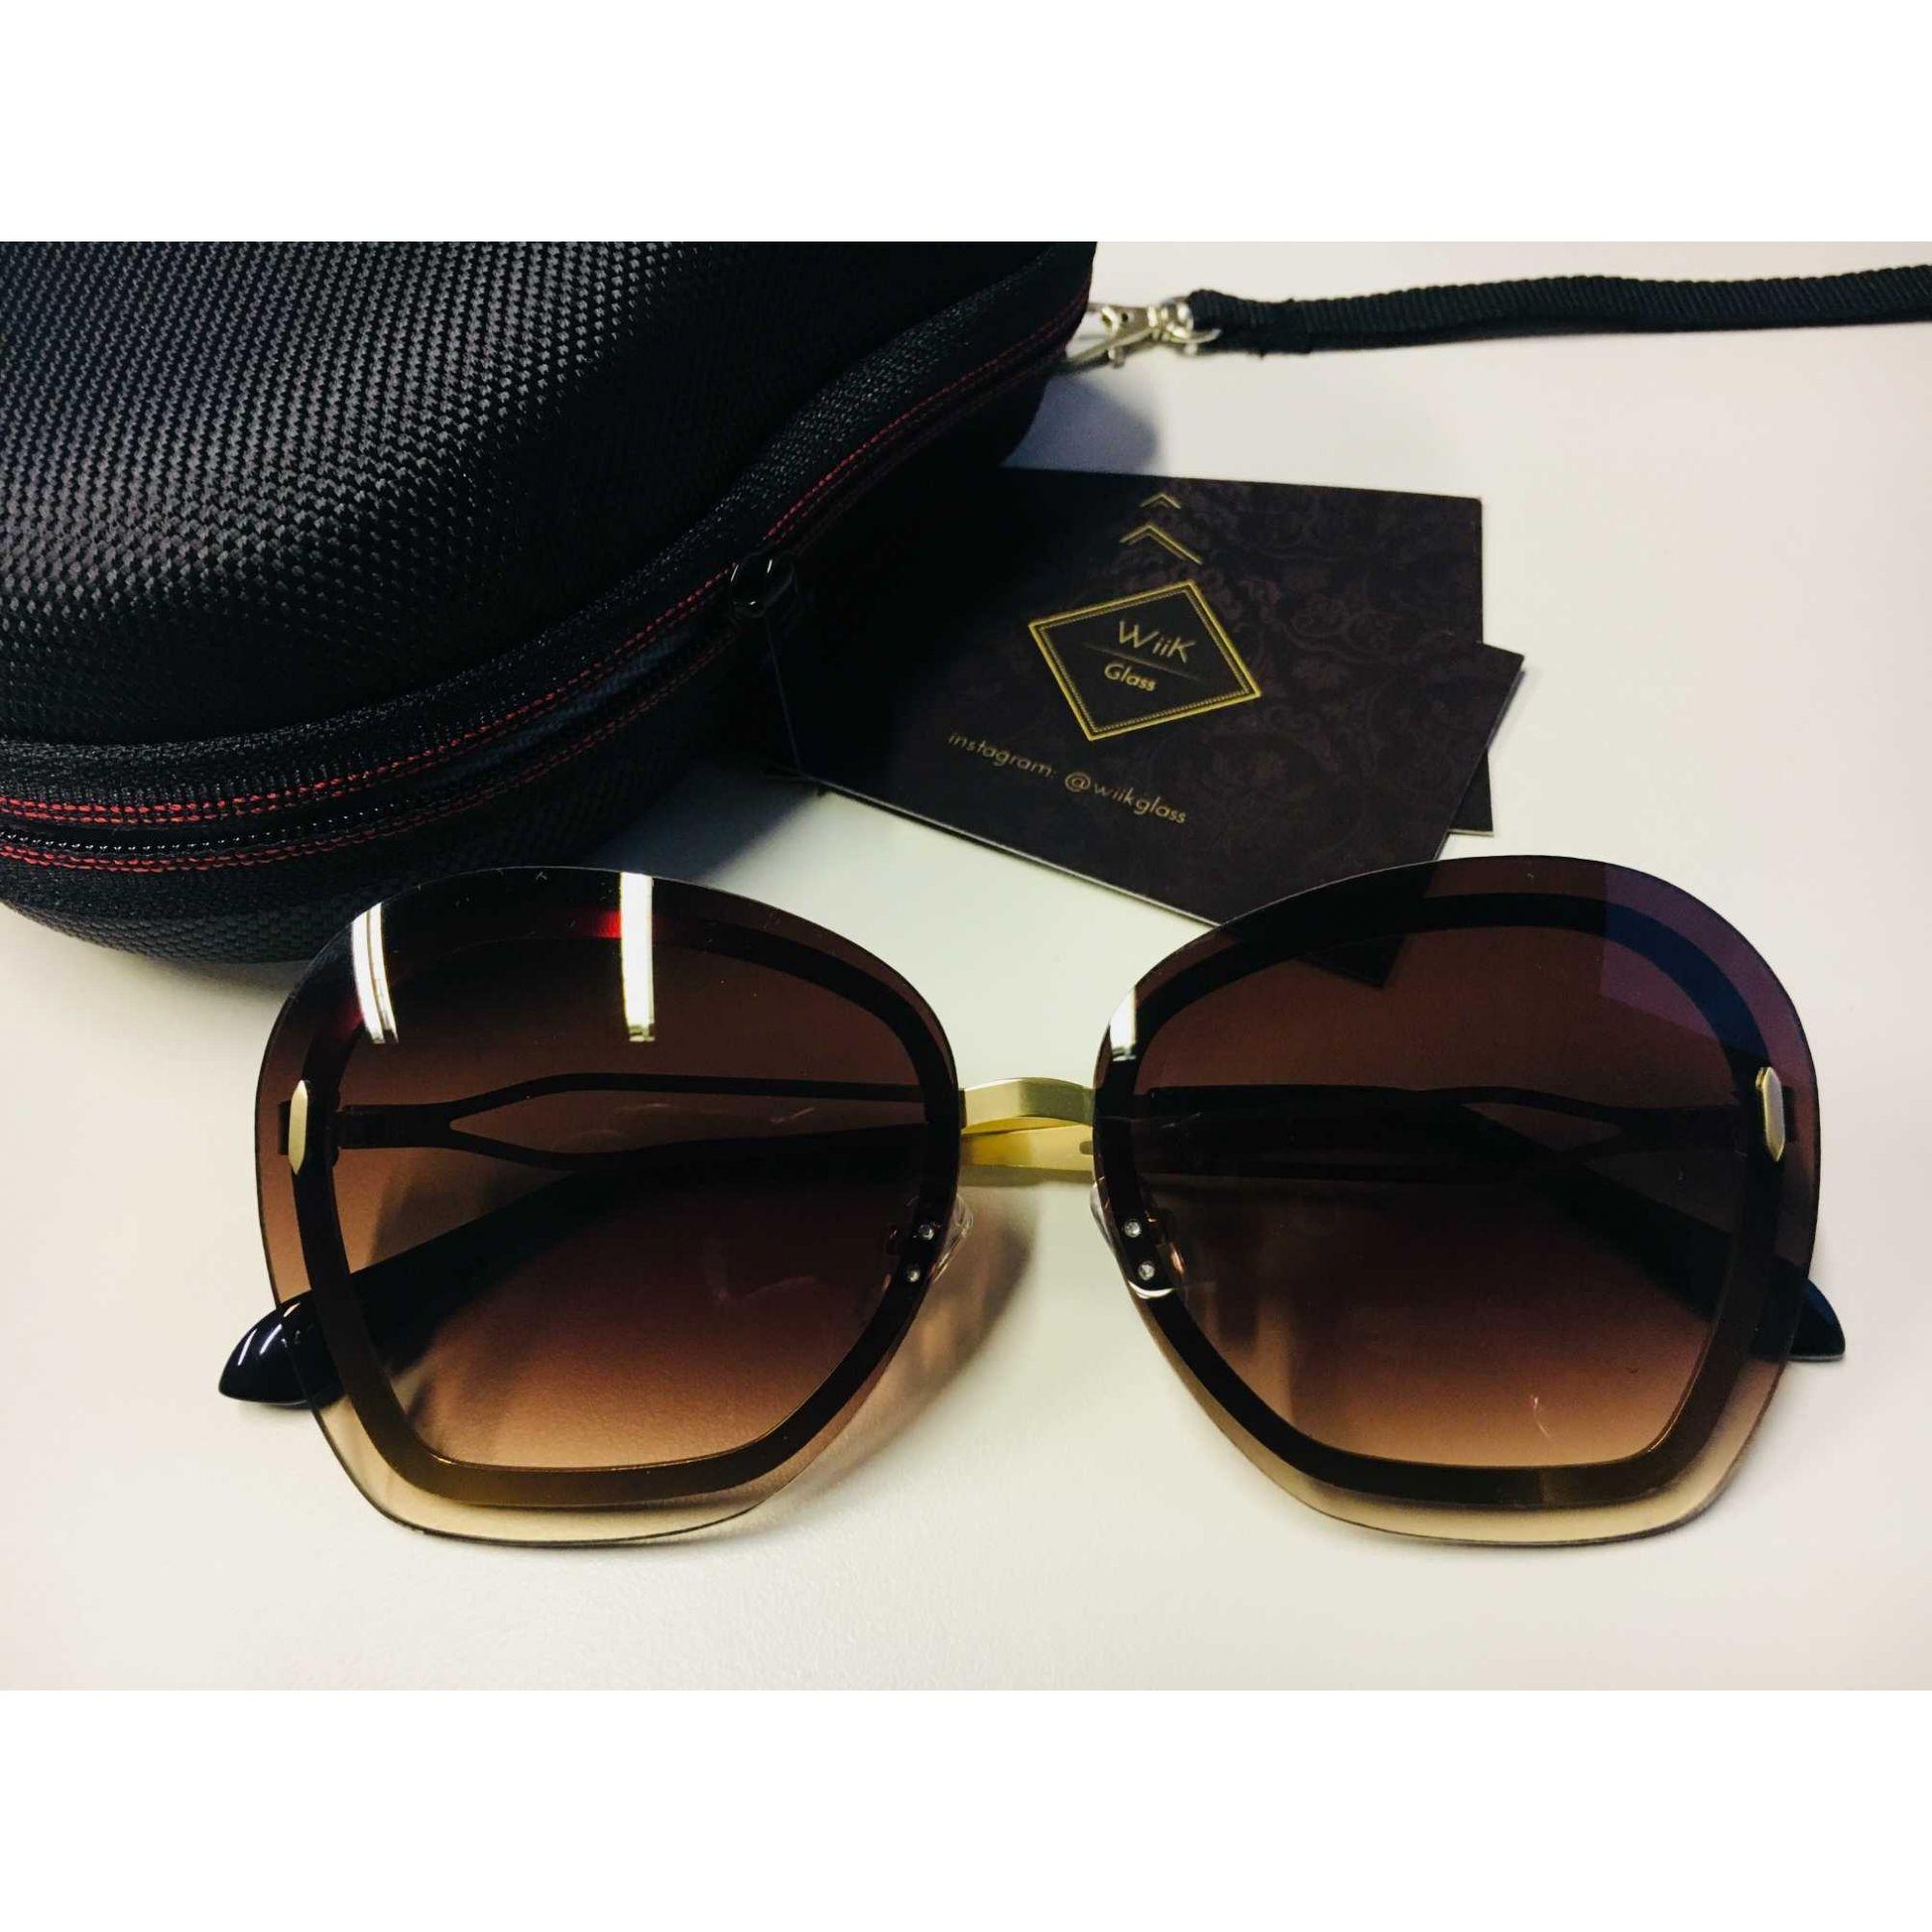 Óculos De Sol Feminino Wiikglass Grande Top 2018 Marrom 1cb13fb3f7